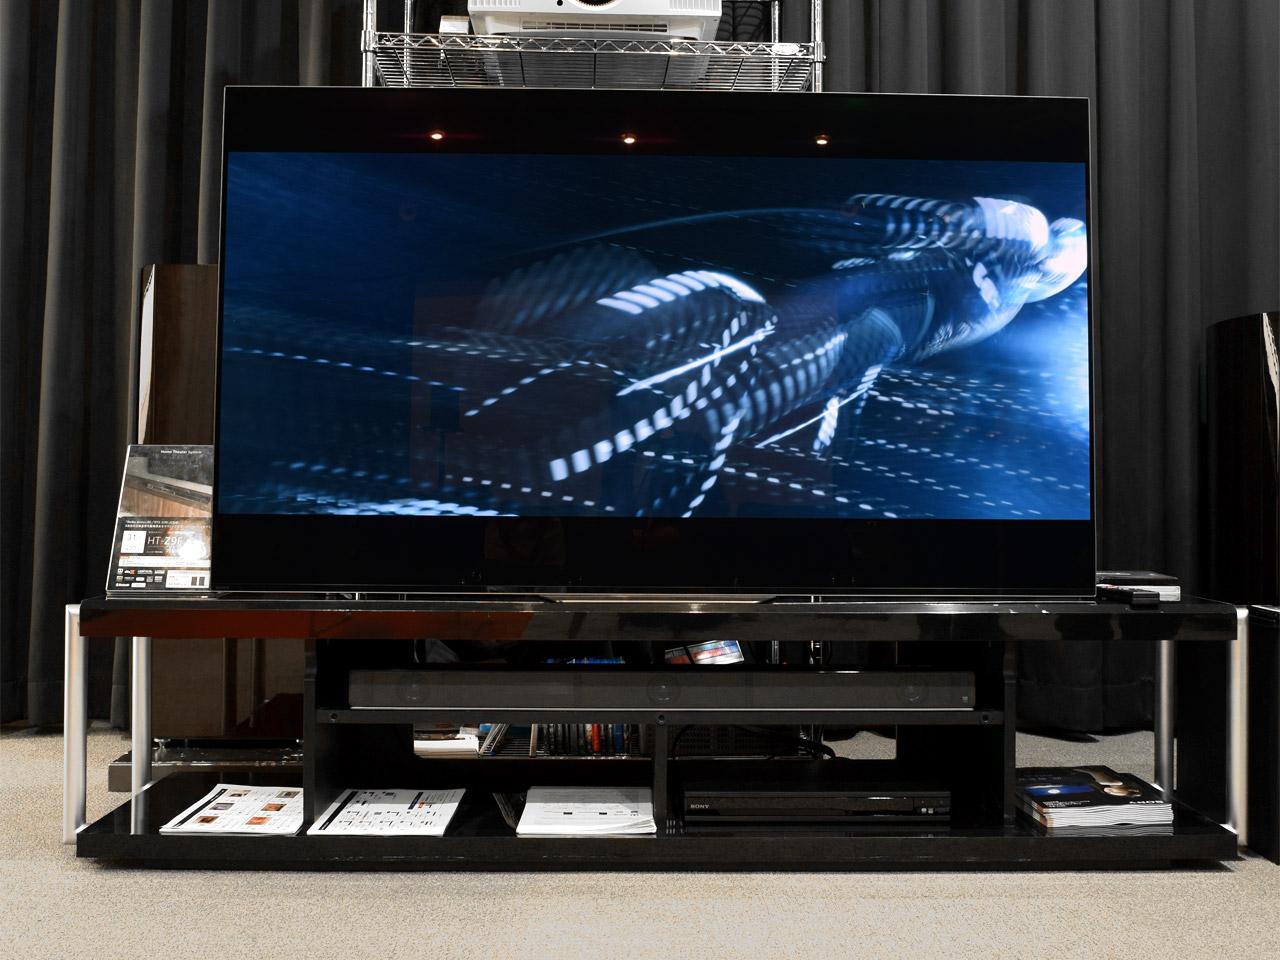 ソニー 有機ELパネル 4K対応・Android TV 機能搭載『BRAVIA』A8Fシリーズ